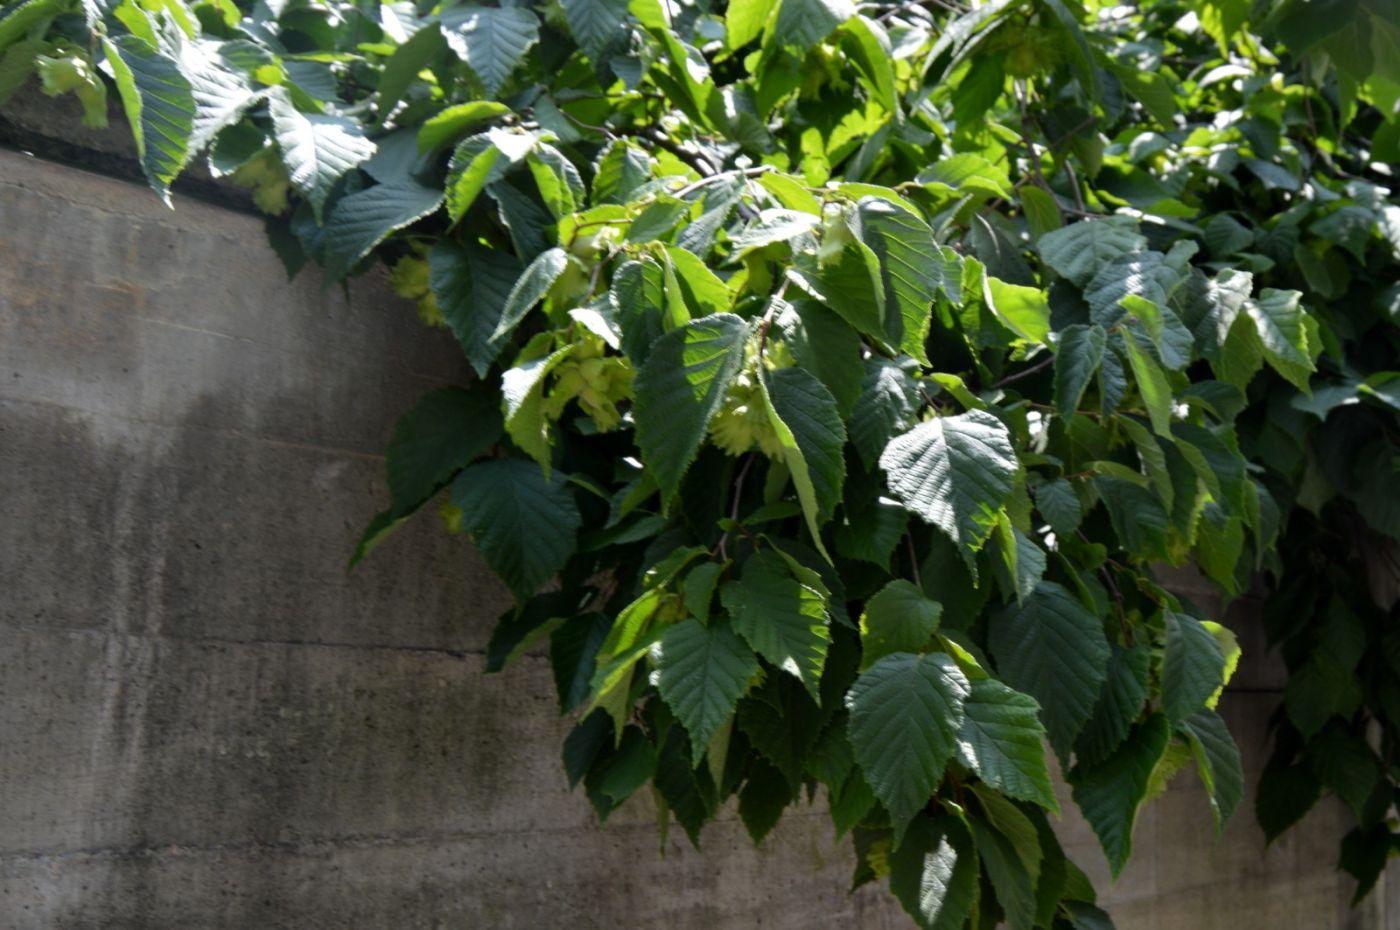 美洲榛子树开花_图1-21